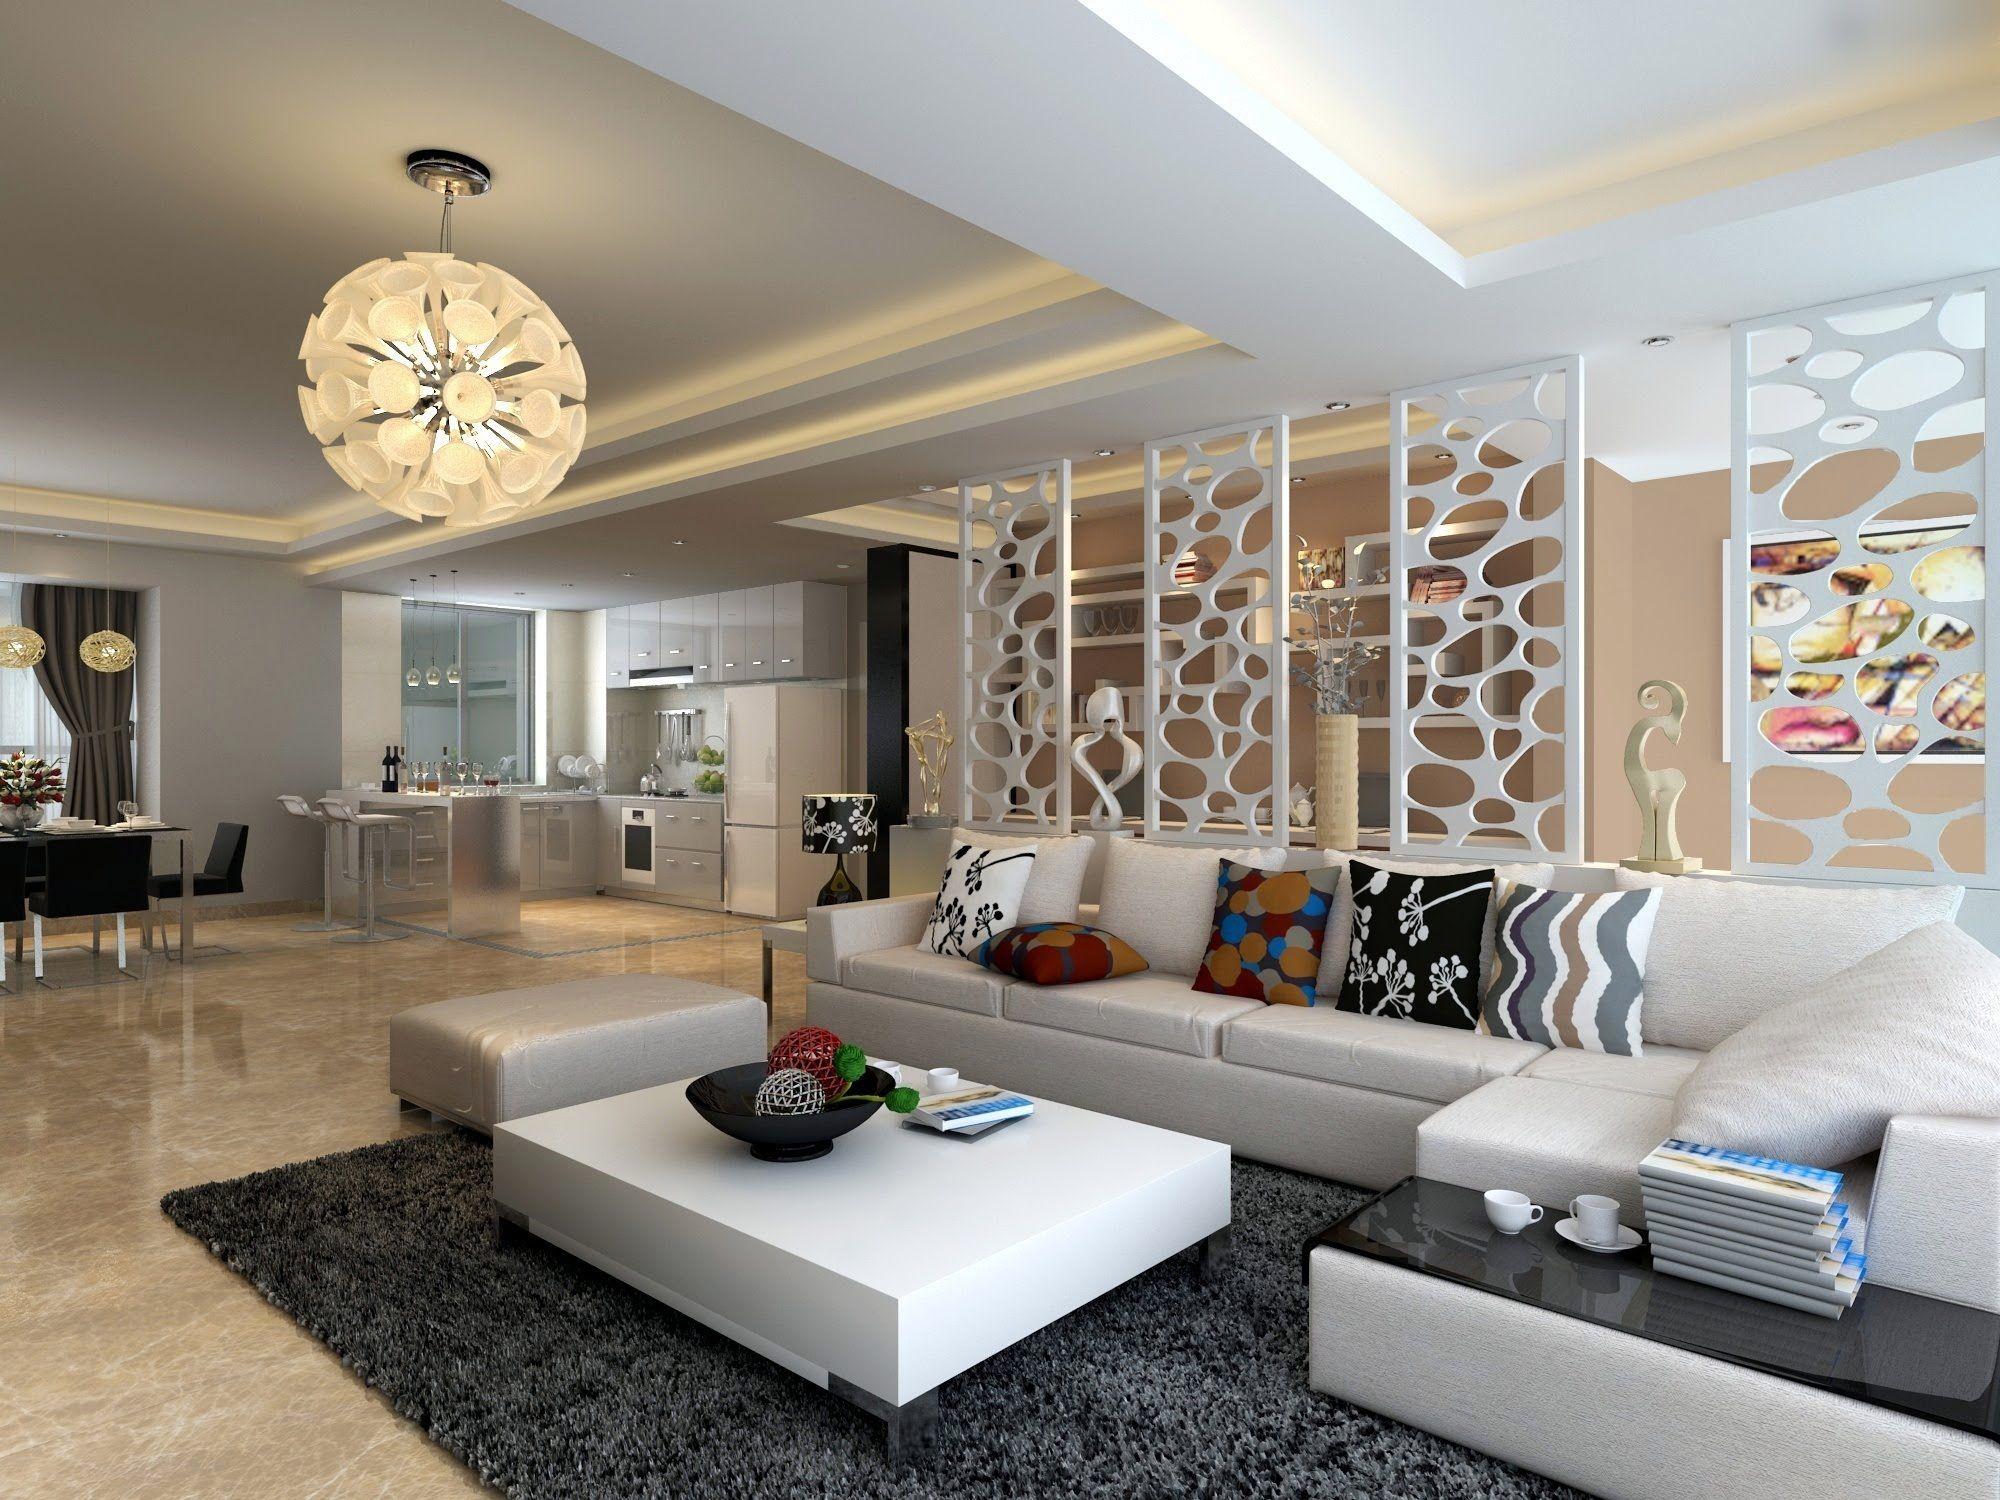 sensationeller innenraum deko ideen f r wohnzimmer bilder. Black Bedroom Furniture Sets. Home Design Ideas